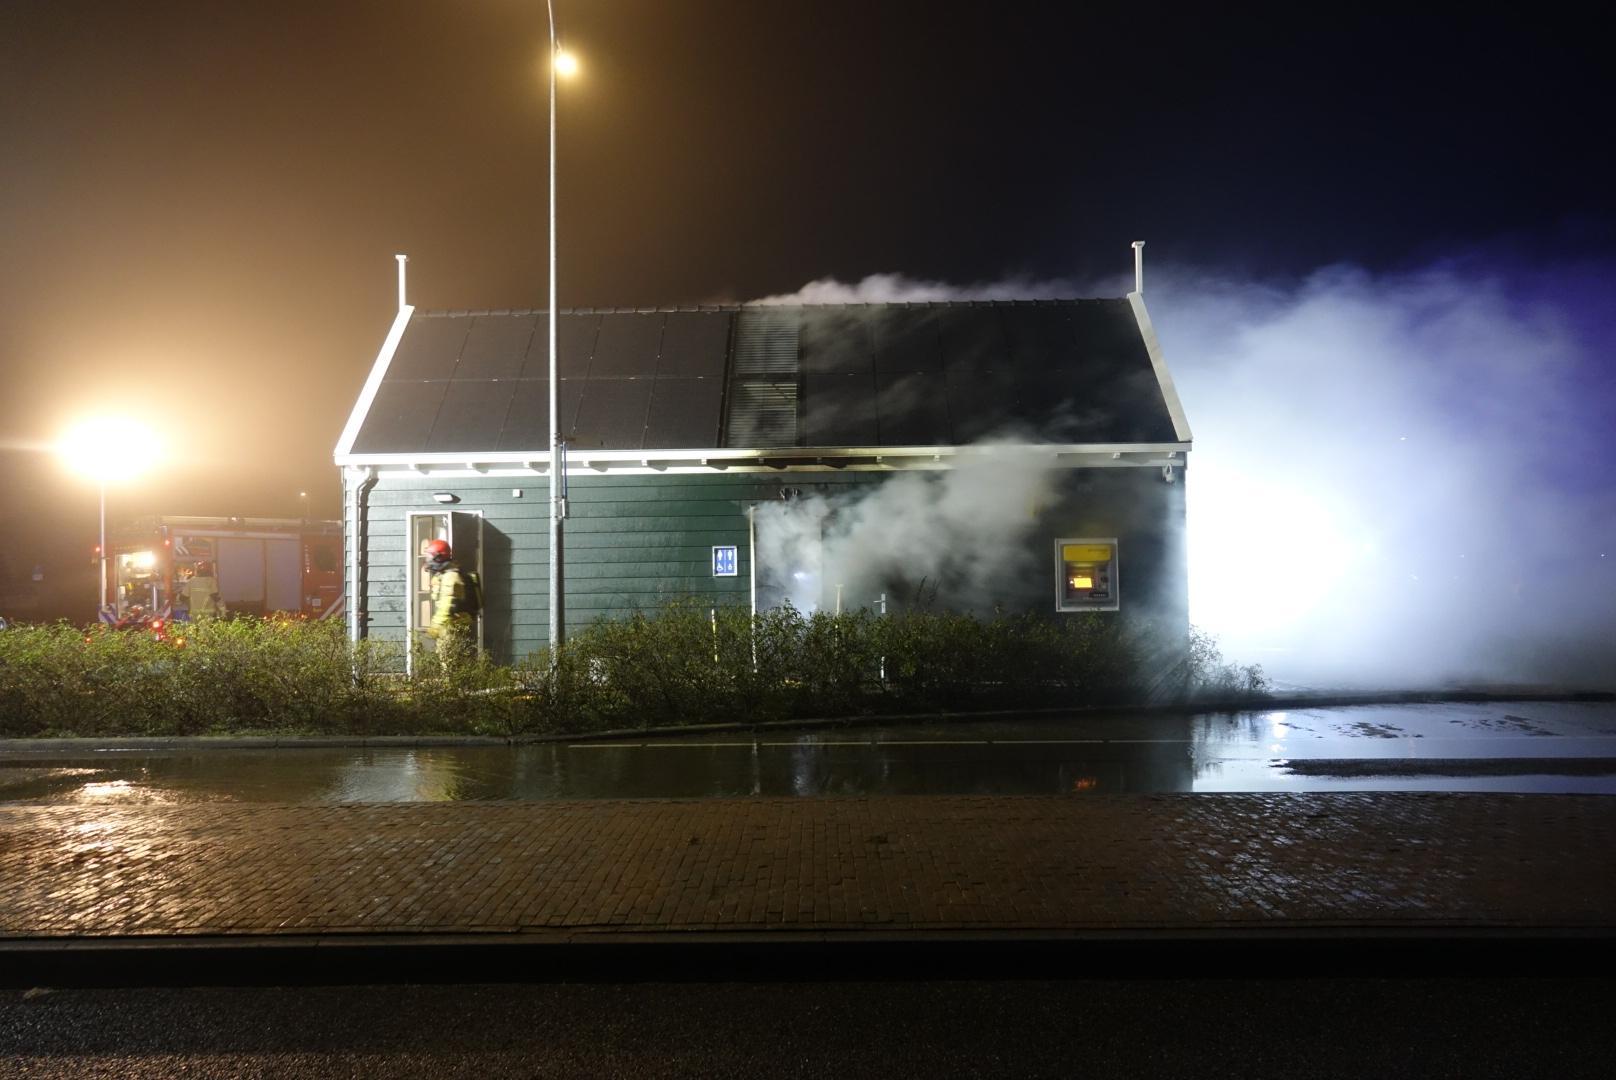 Brandweer rukt uit voor brand bij toiletten Kruisbaakweg Marken